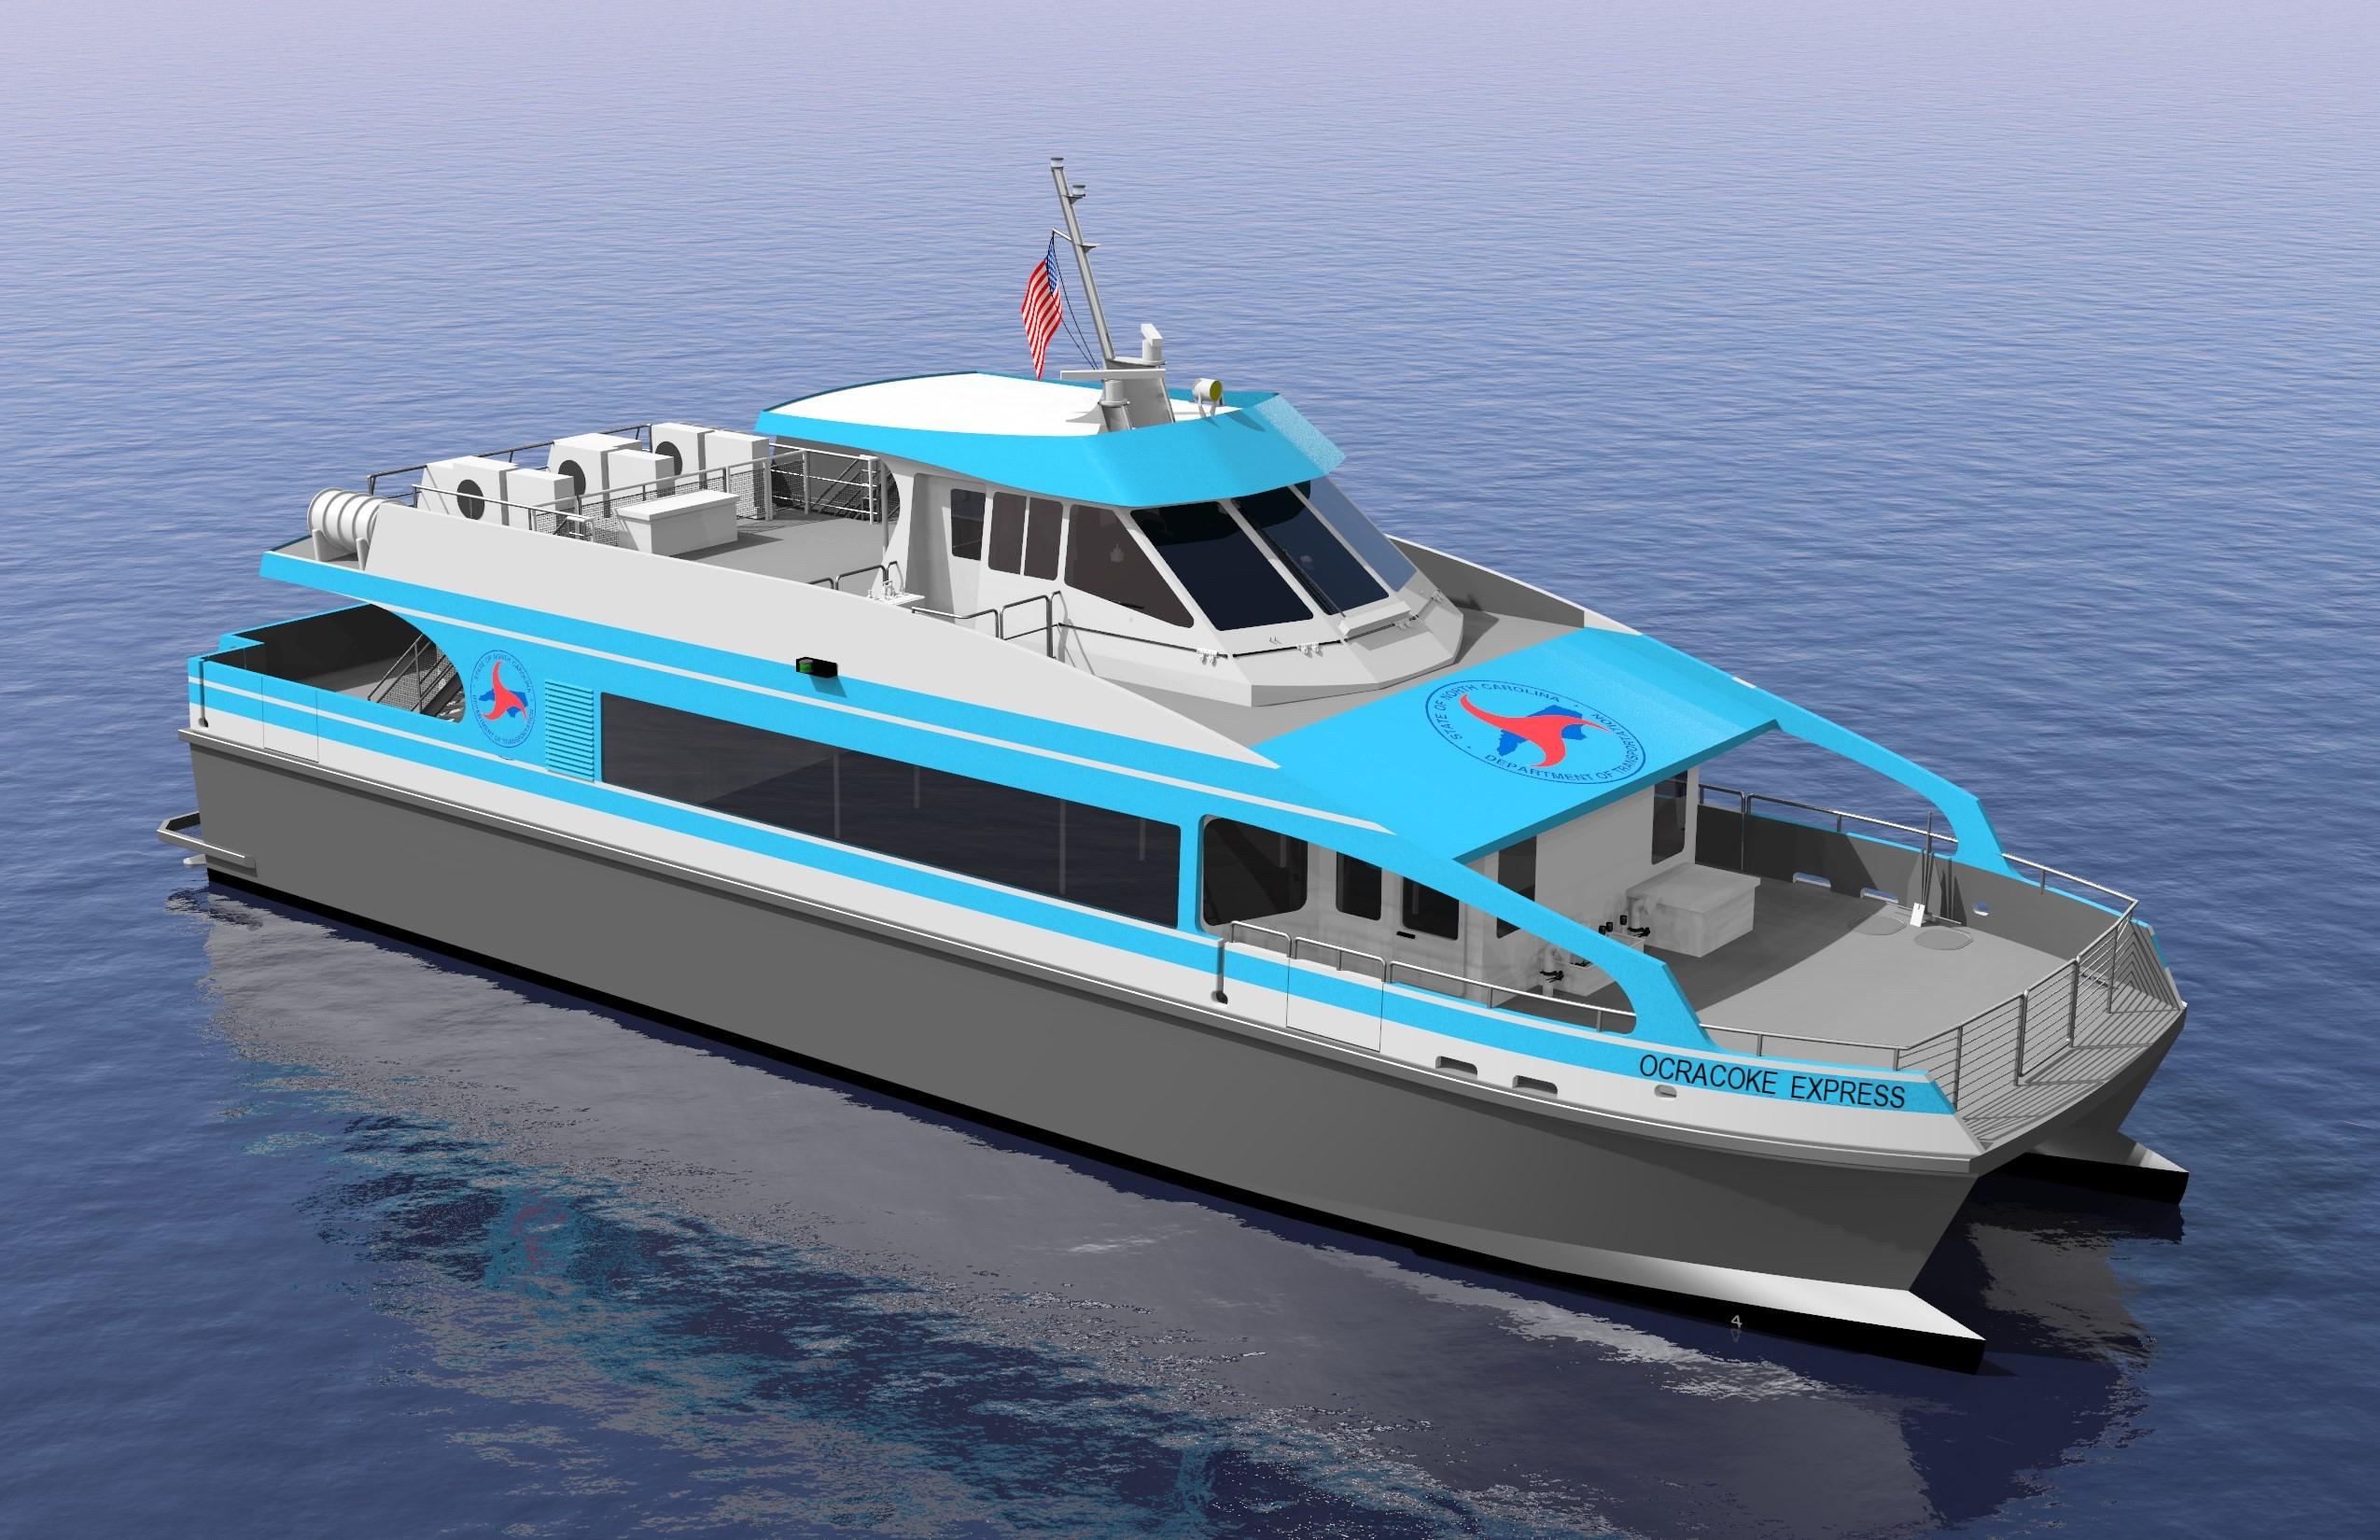 Image: Elliott Bay Design Group